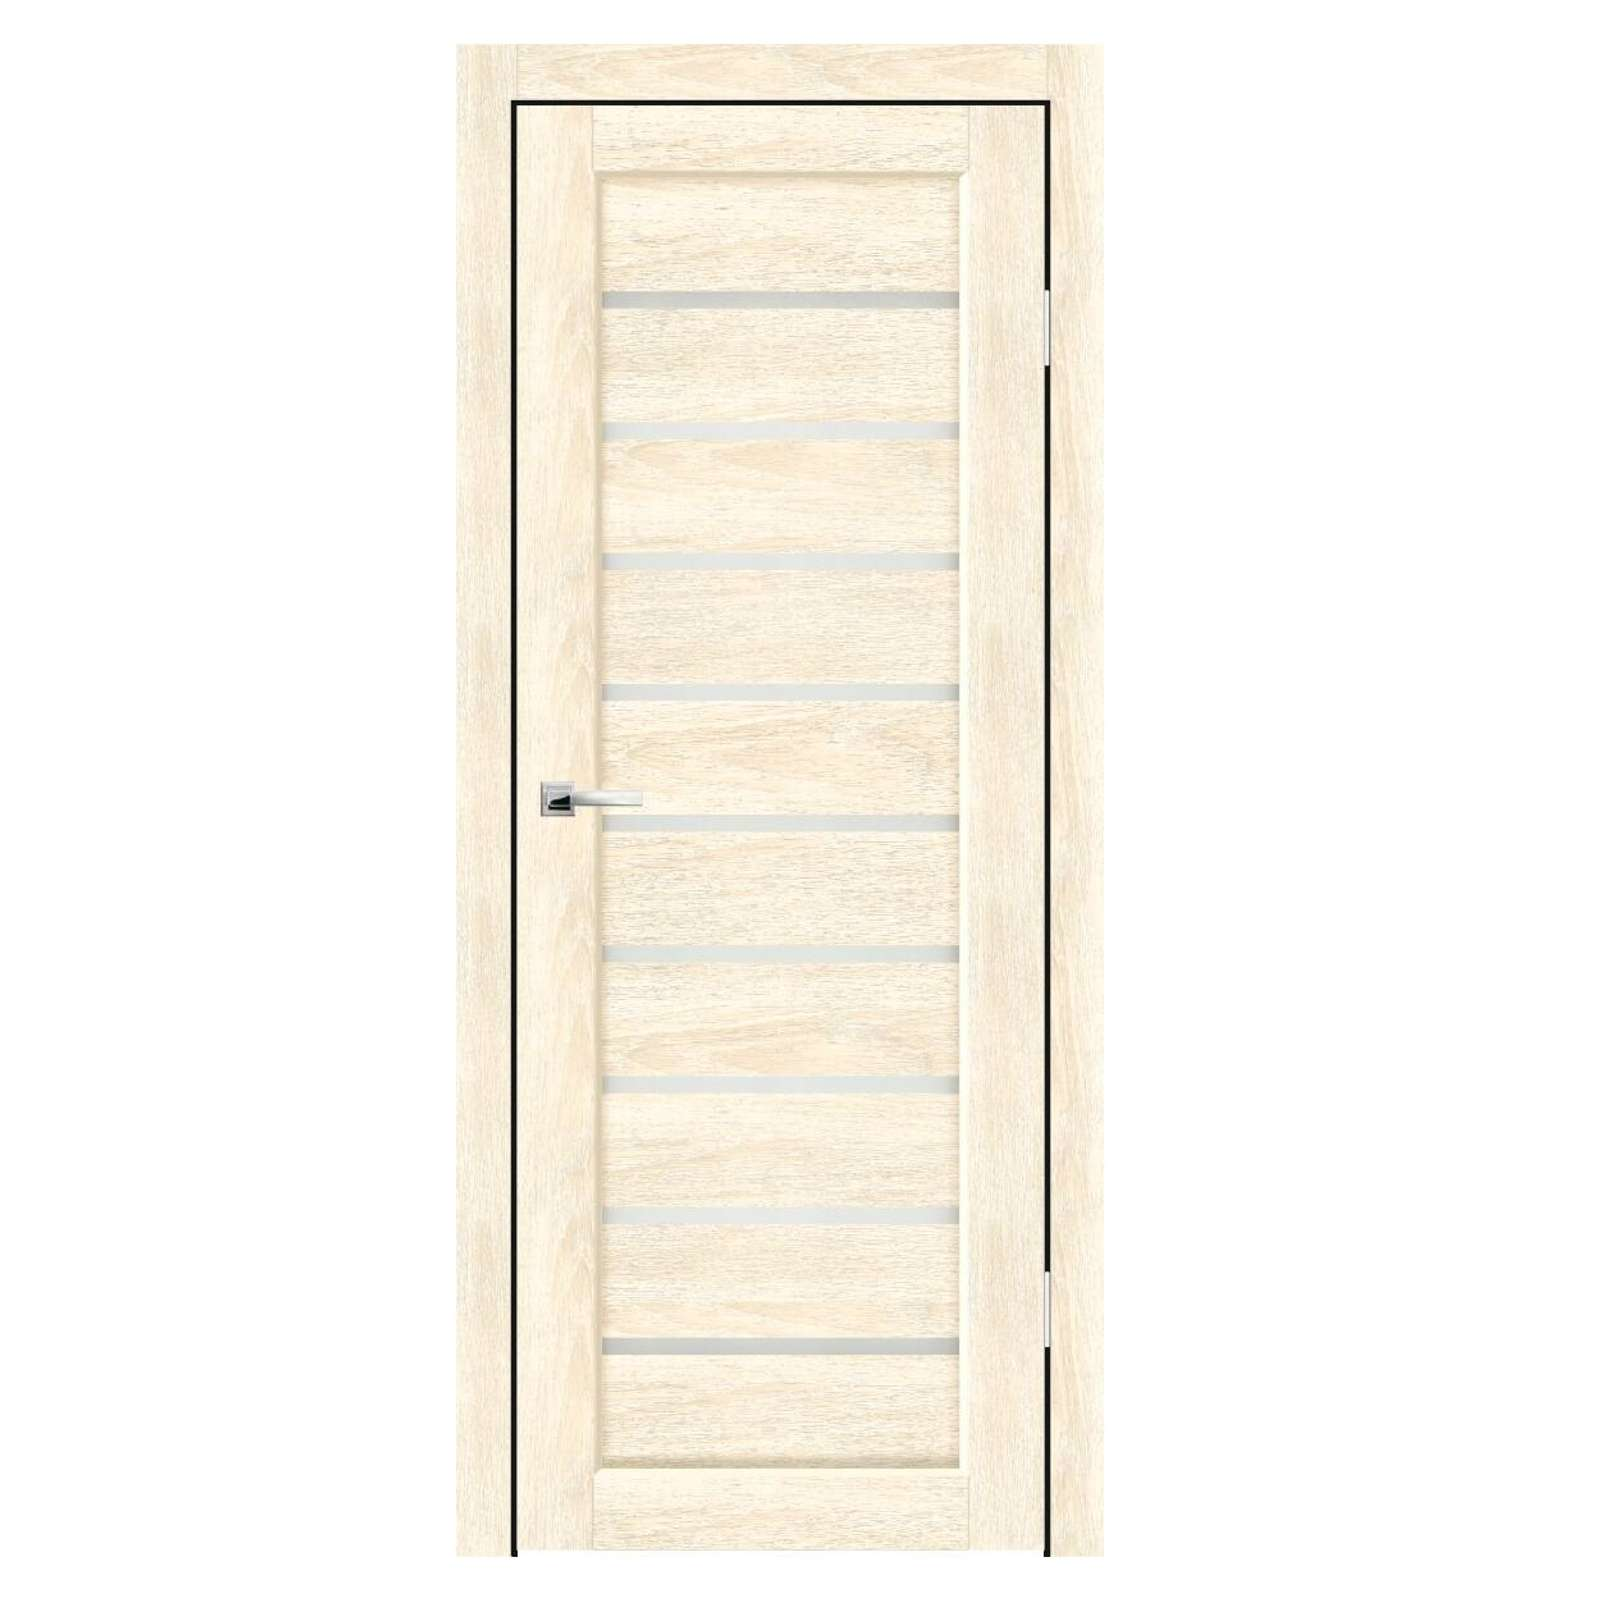 Полотно дверное остекленное Дольче СИНЕРЖИ ваниль ПВХ, ПДО 800х2000мм